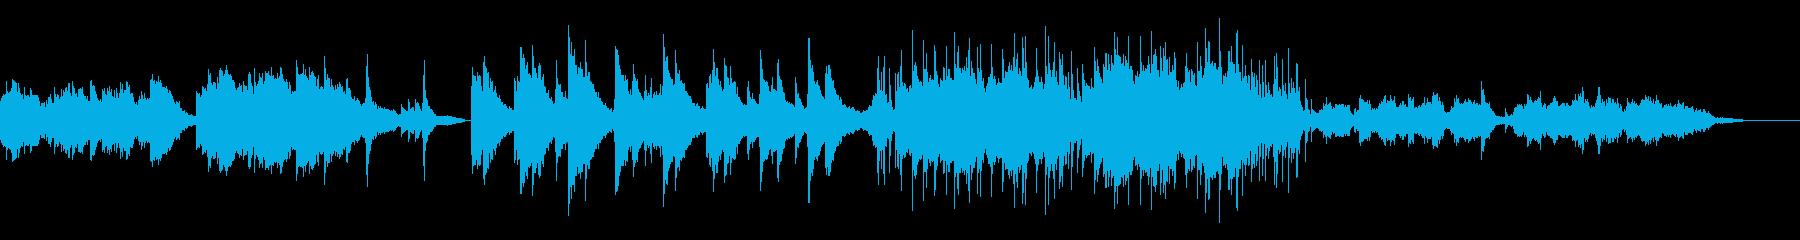 悲しい切ない回想曲(リメイク版)の再生済みの波形